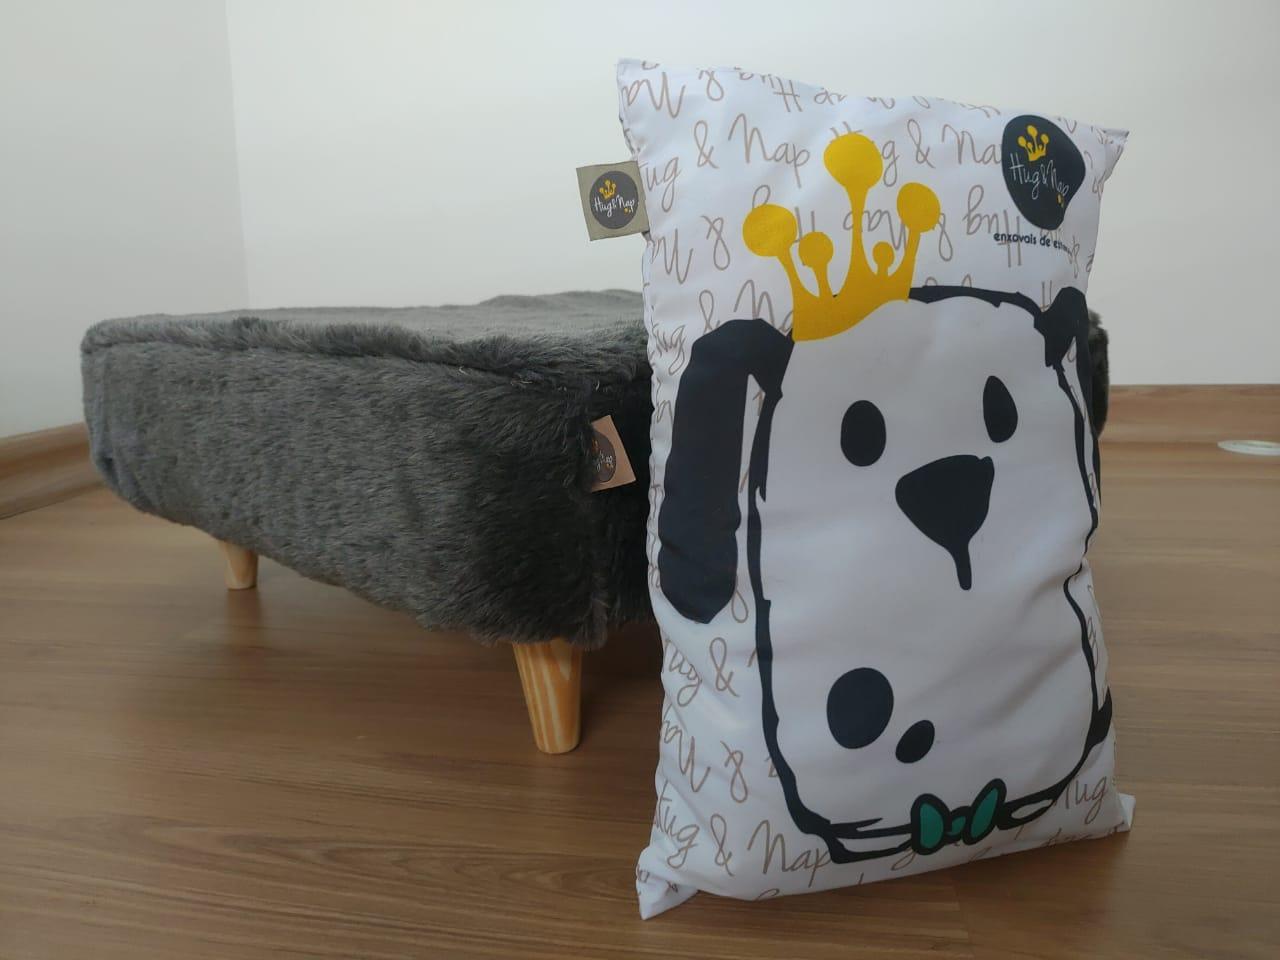 Capa de Pelúcia para Cama Box Hug&Nap - Grafite